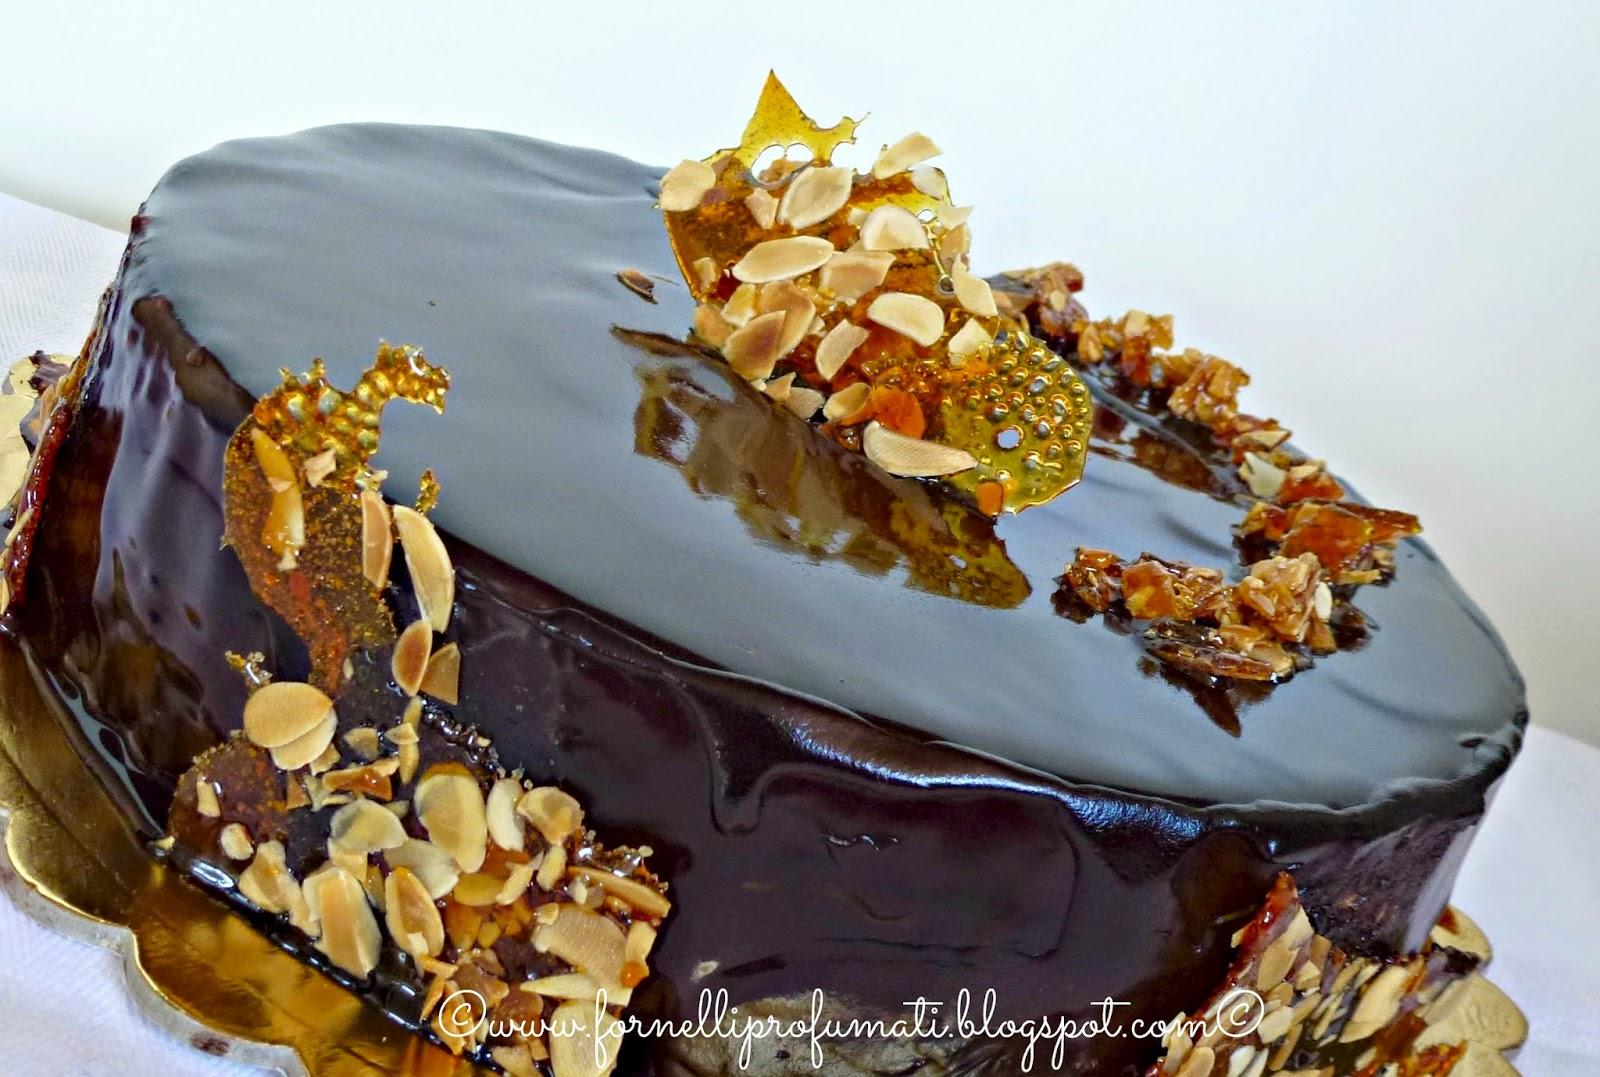 Torta al cioccolato namelaka e croccante fornelli - Decorazioni torte con glassa ...